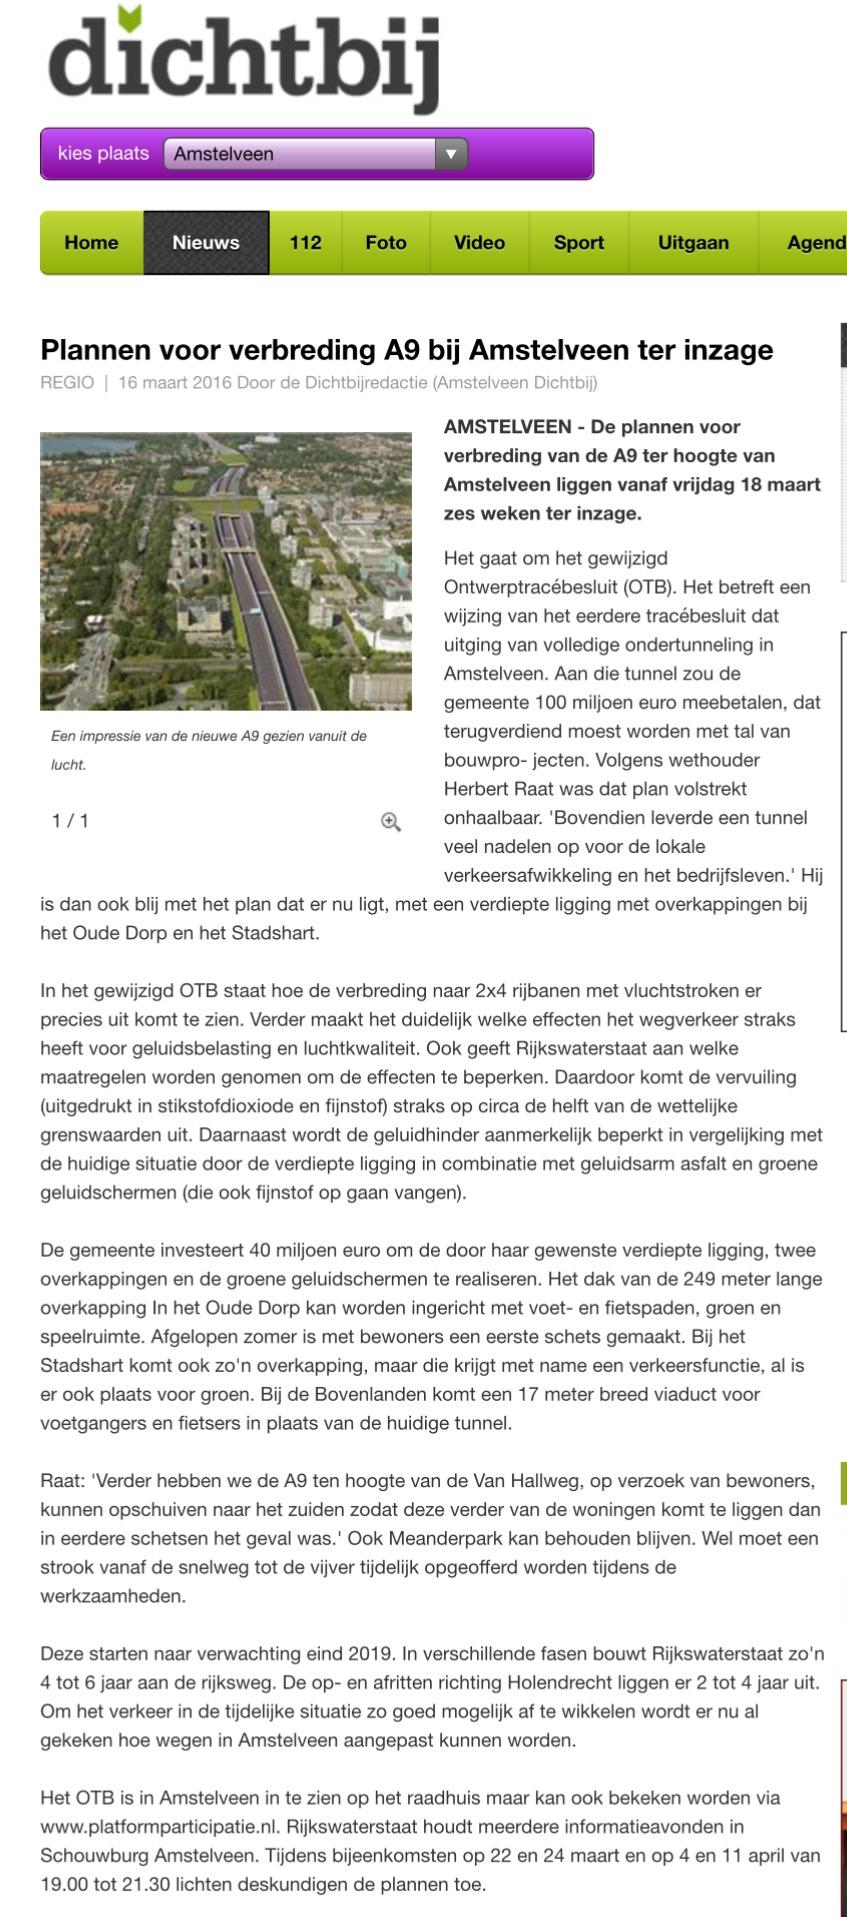 2016-16-3 AmstelveenDichtbij; Herbert Raat over plannen voor A9 ter inzage